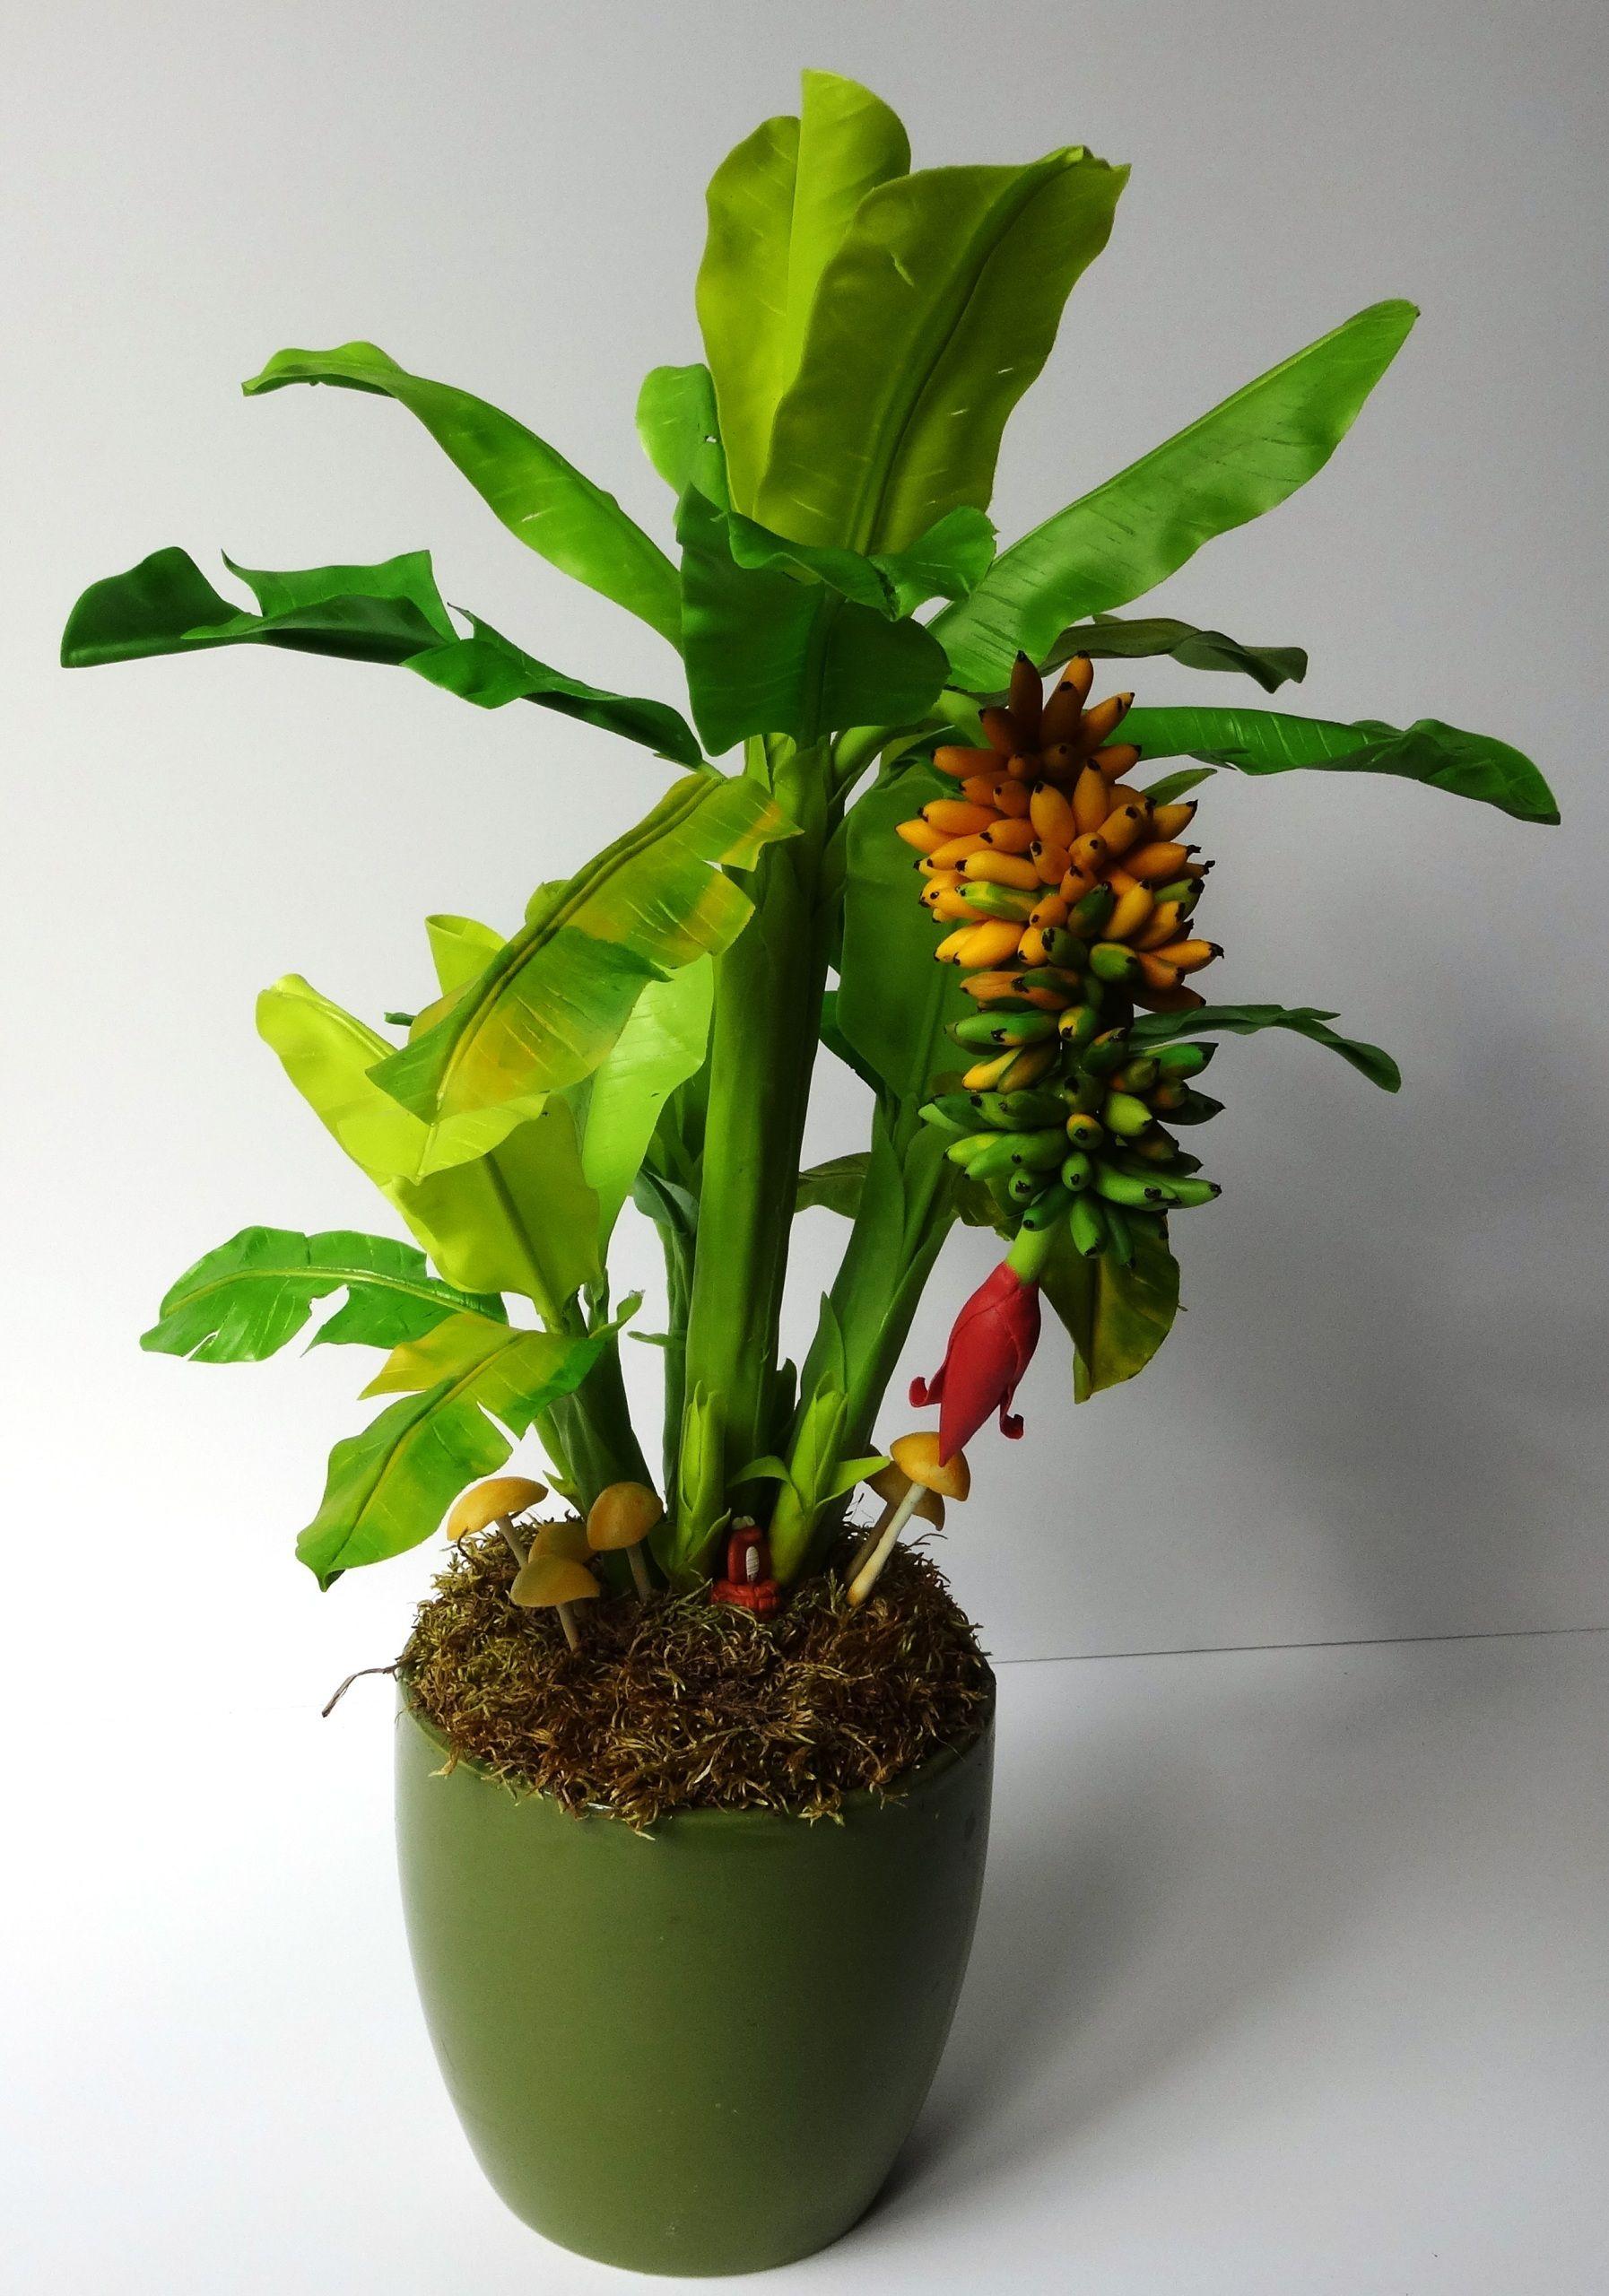 также банановое дерево комнатное фото образец рлс